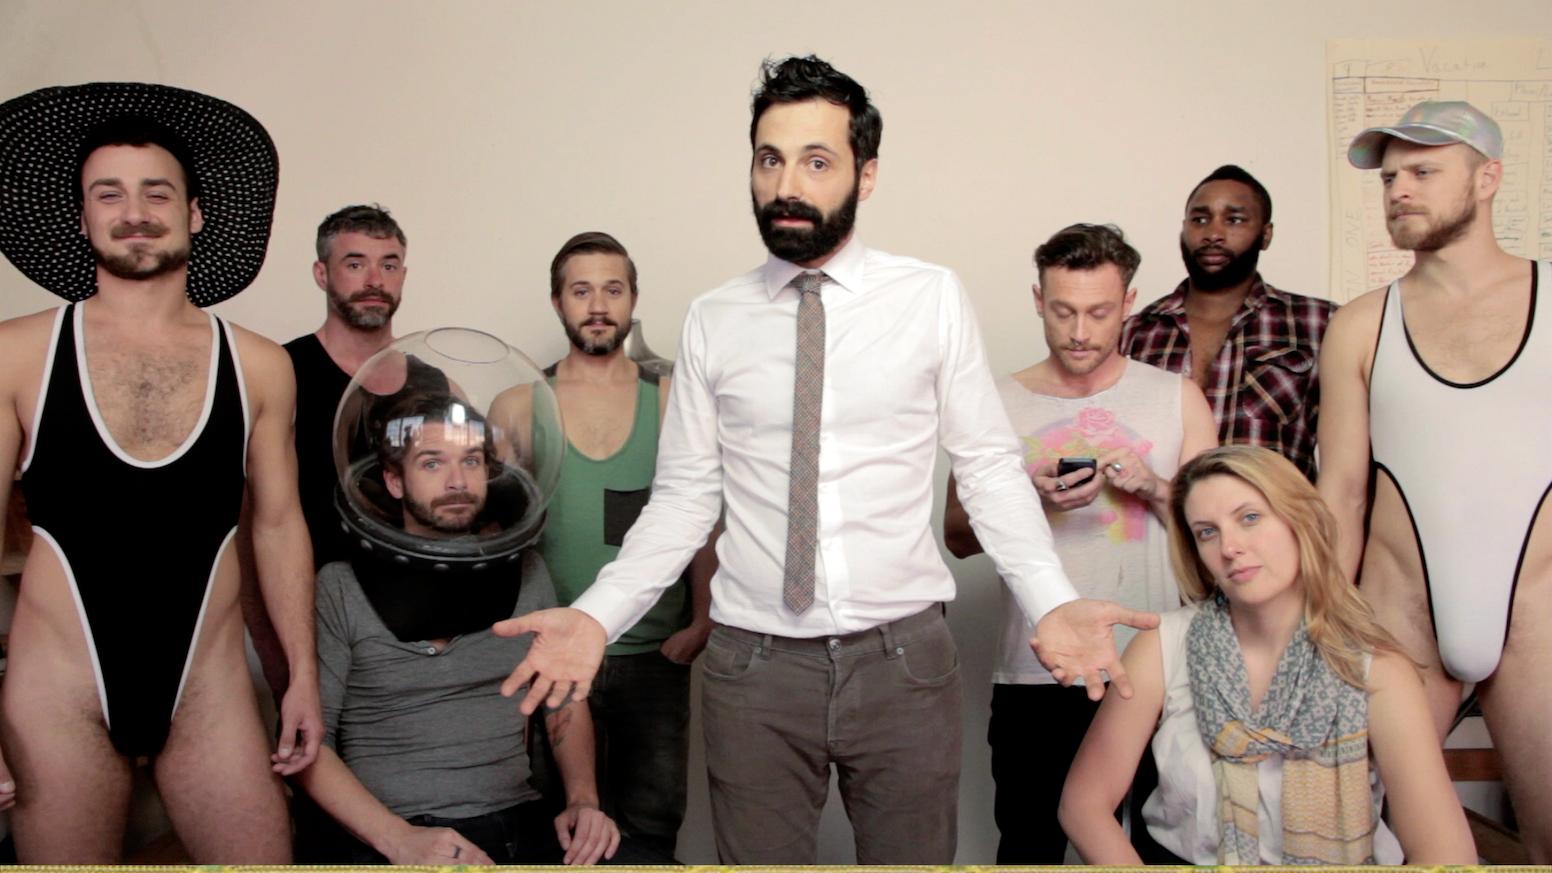 A gay interactive web comedy.